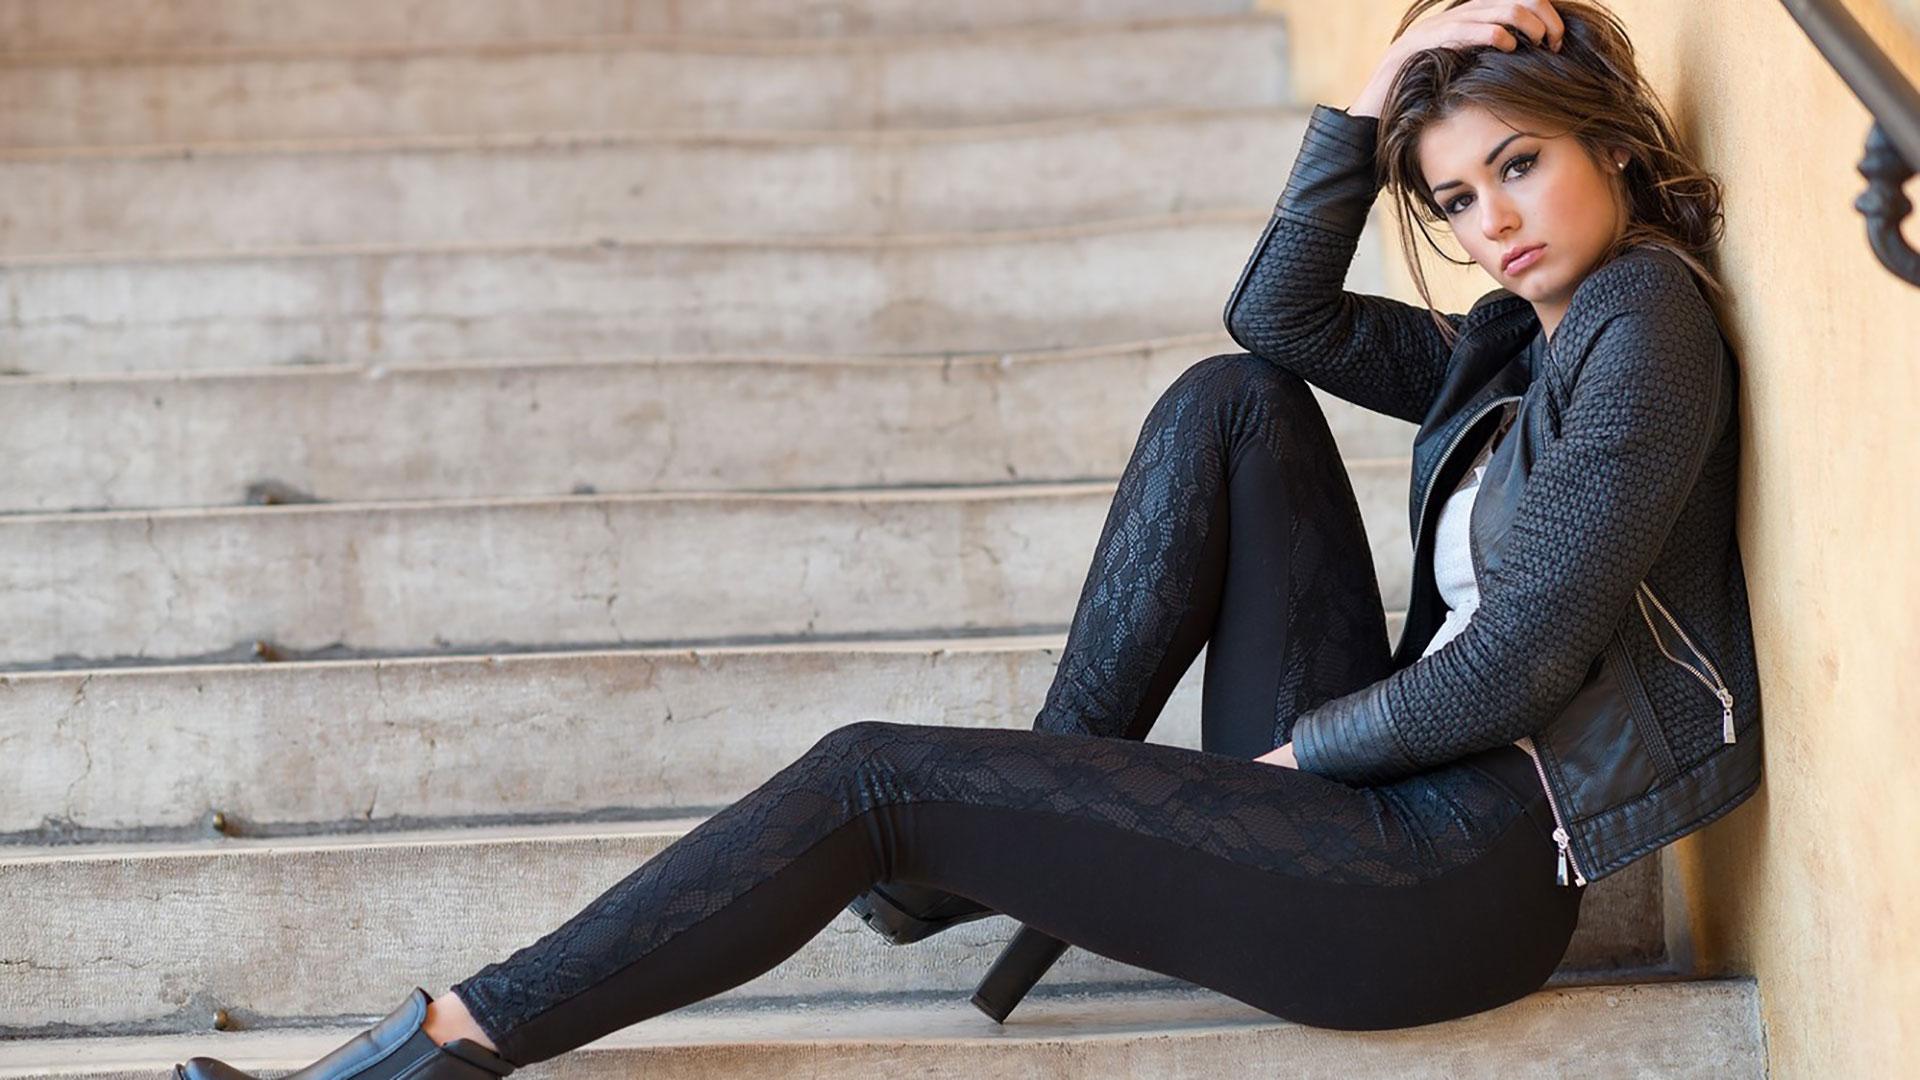 Cerchi un outfit con leggings neri? Ecco i look più comodi e trendy